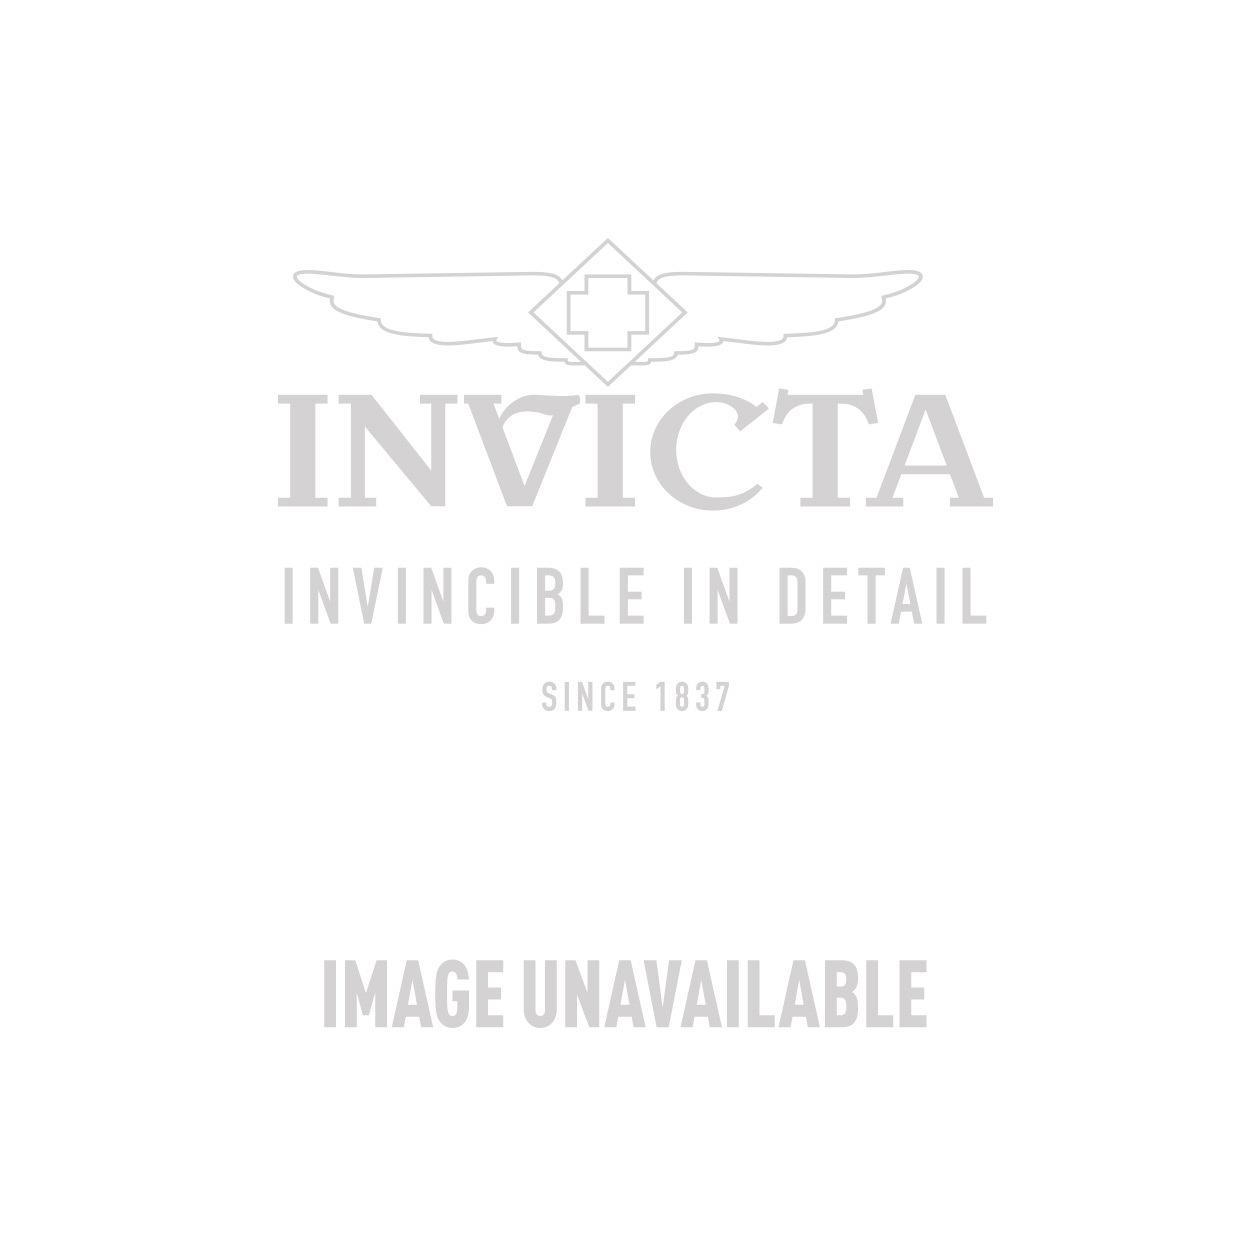 Invicta Model 27240